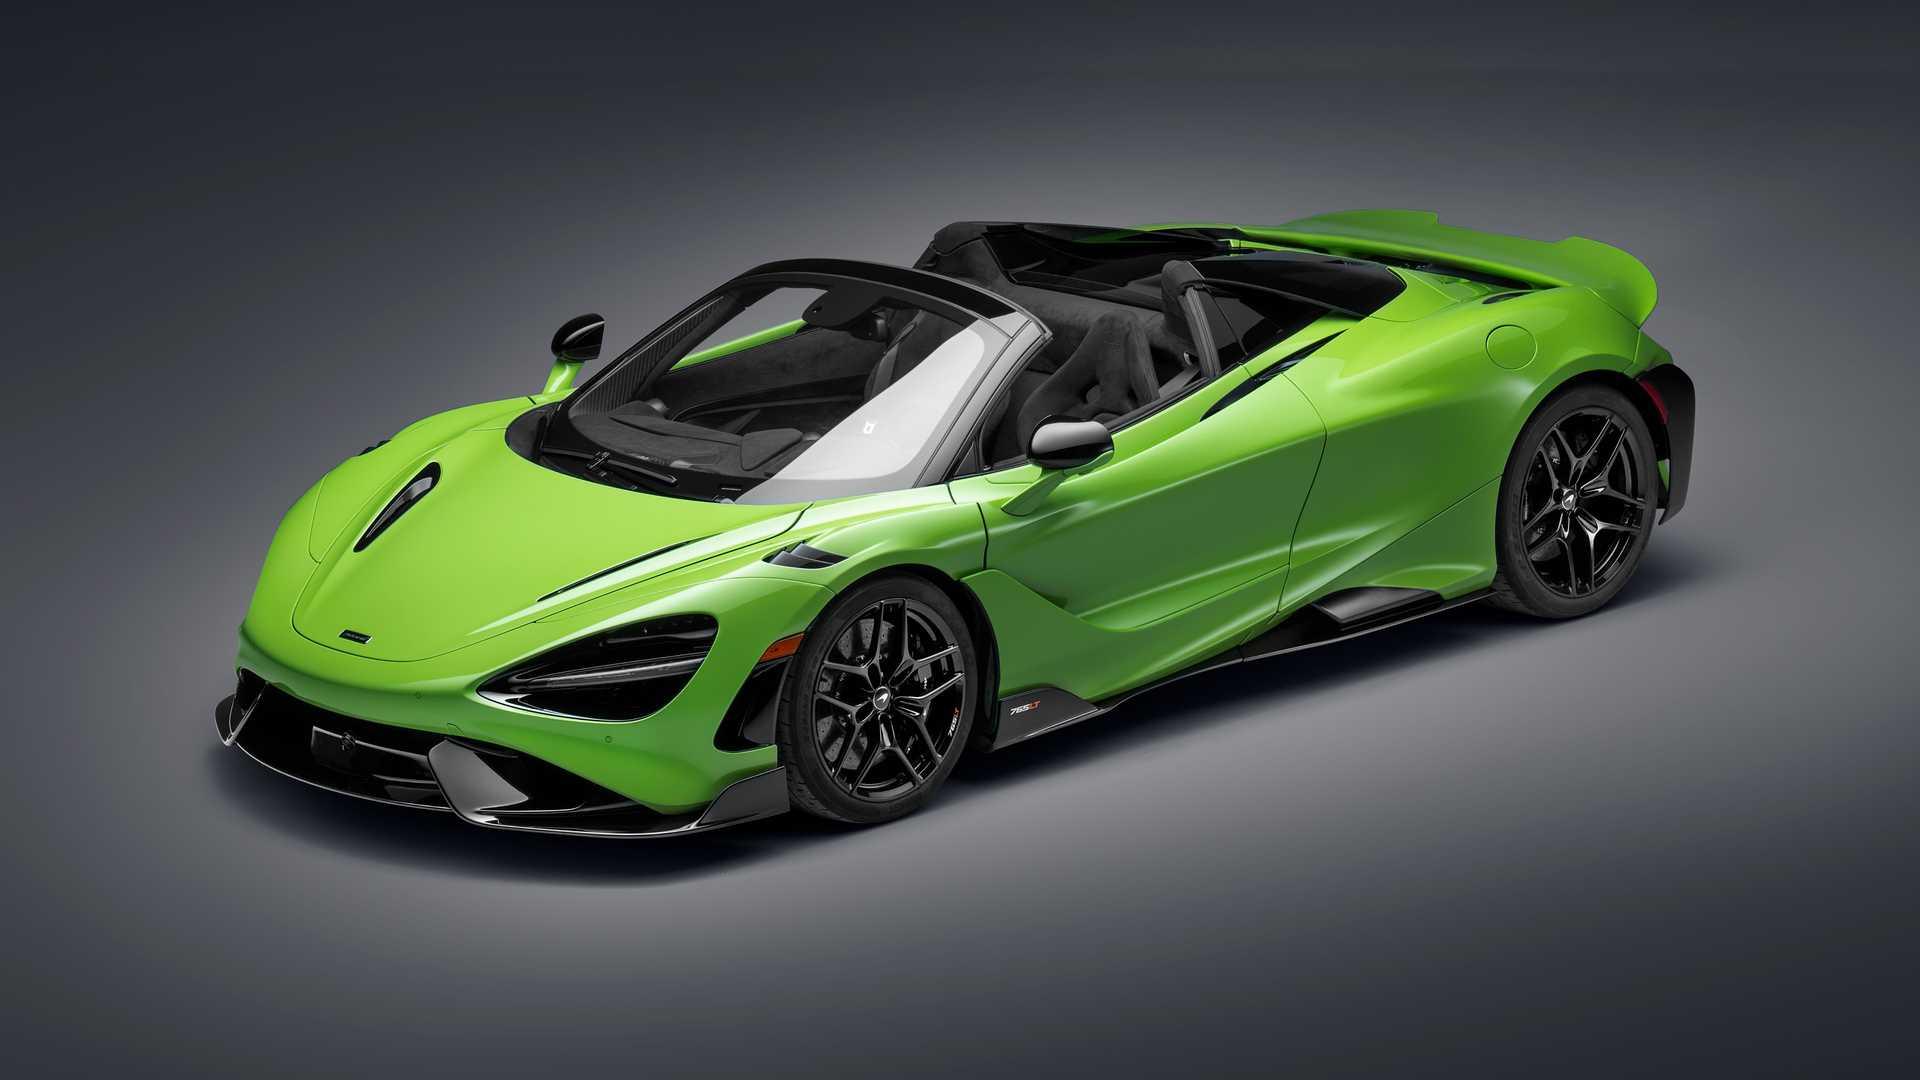 McLaren представил свой самый мощный кабриолет за всю историю – 765LT Spider. Его тираж будет ограничен 765 единицами, а стоимость каждой составит по меньшей мере $407 000. Треть партии предназначена для США.